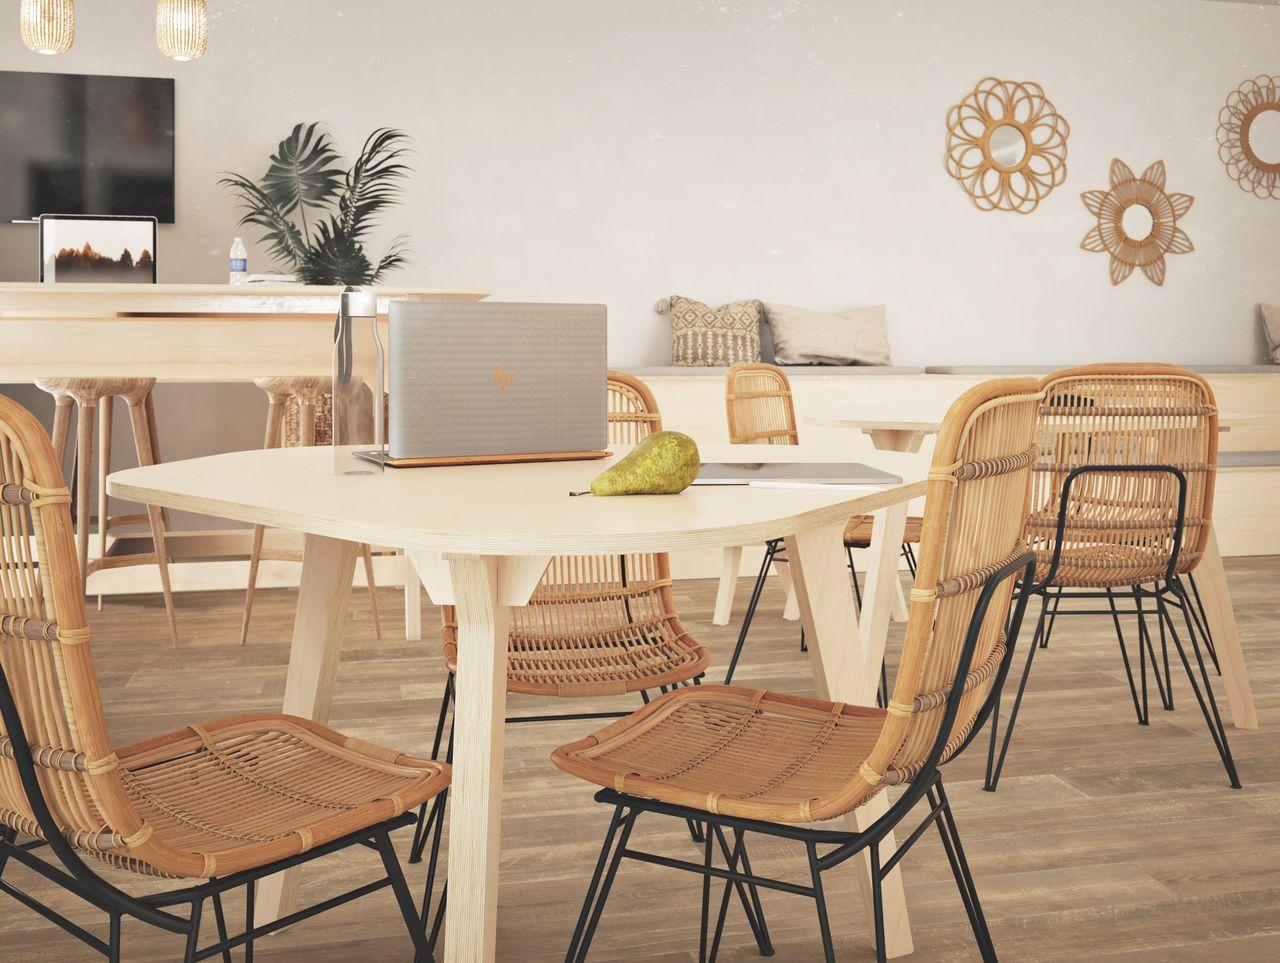 table de réunion 6 personnes dans une salle de pause au style et à l'ambiance contemporaine avec des miroirs dorés et des plantes vertes